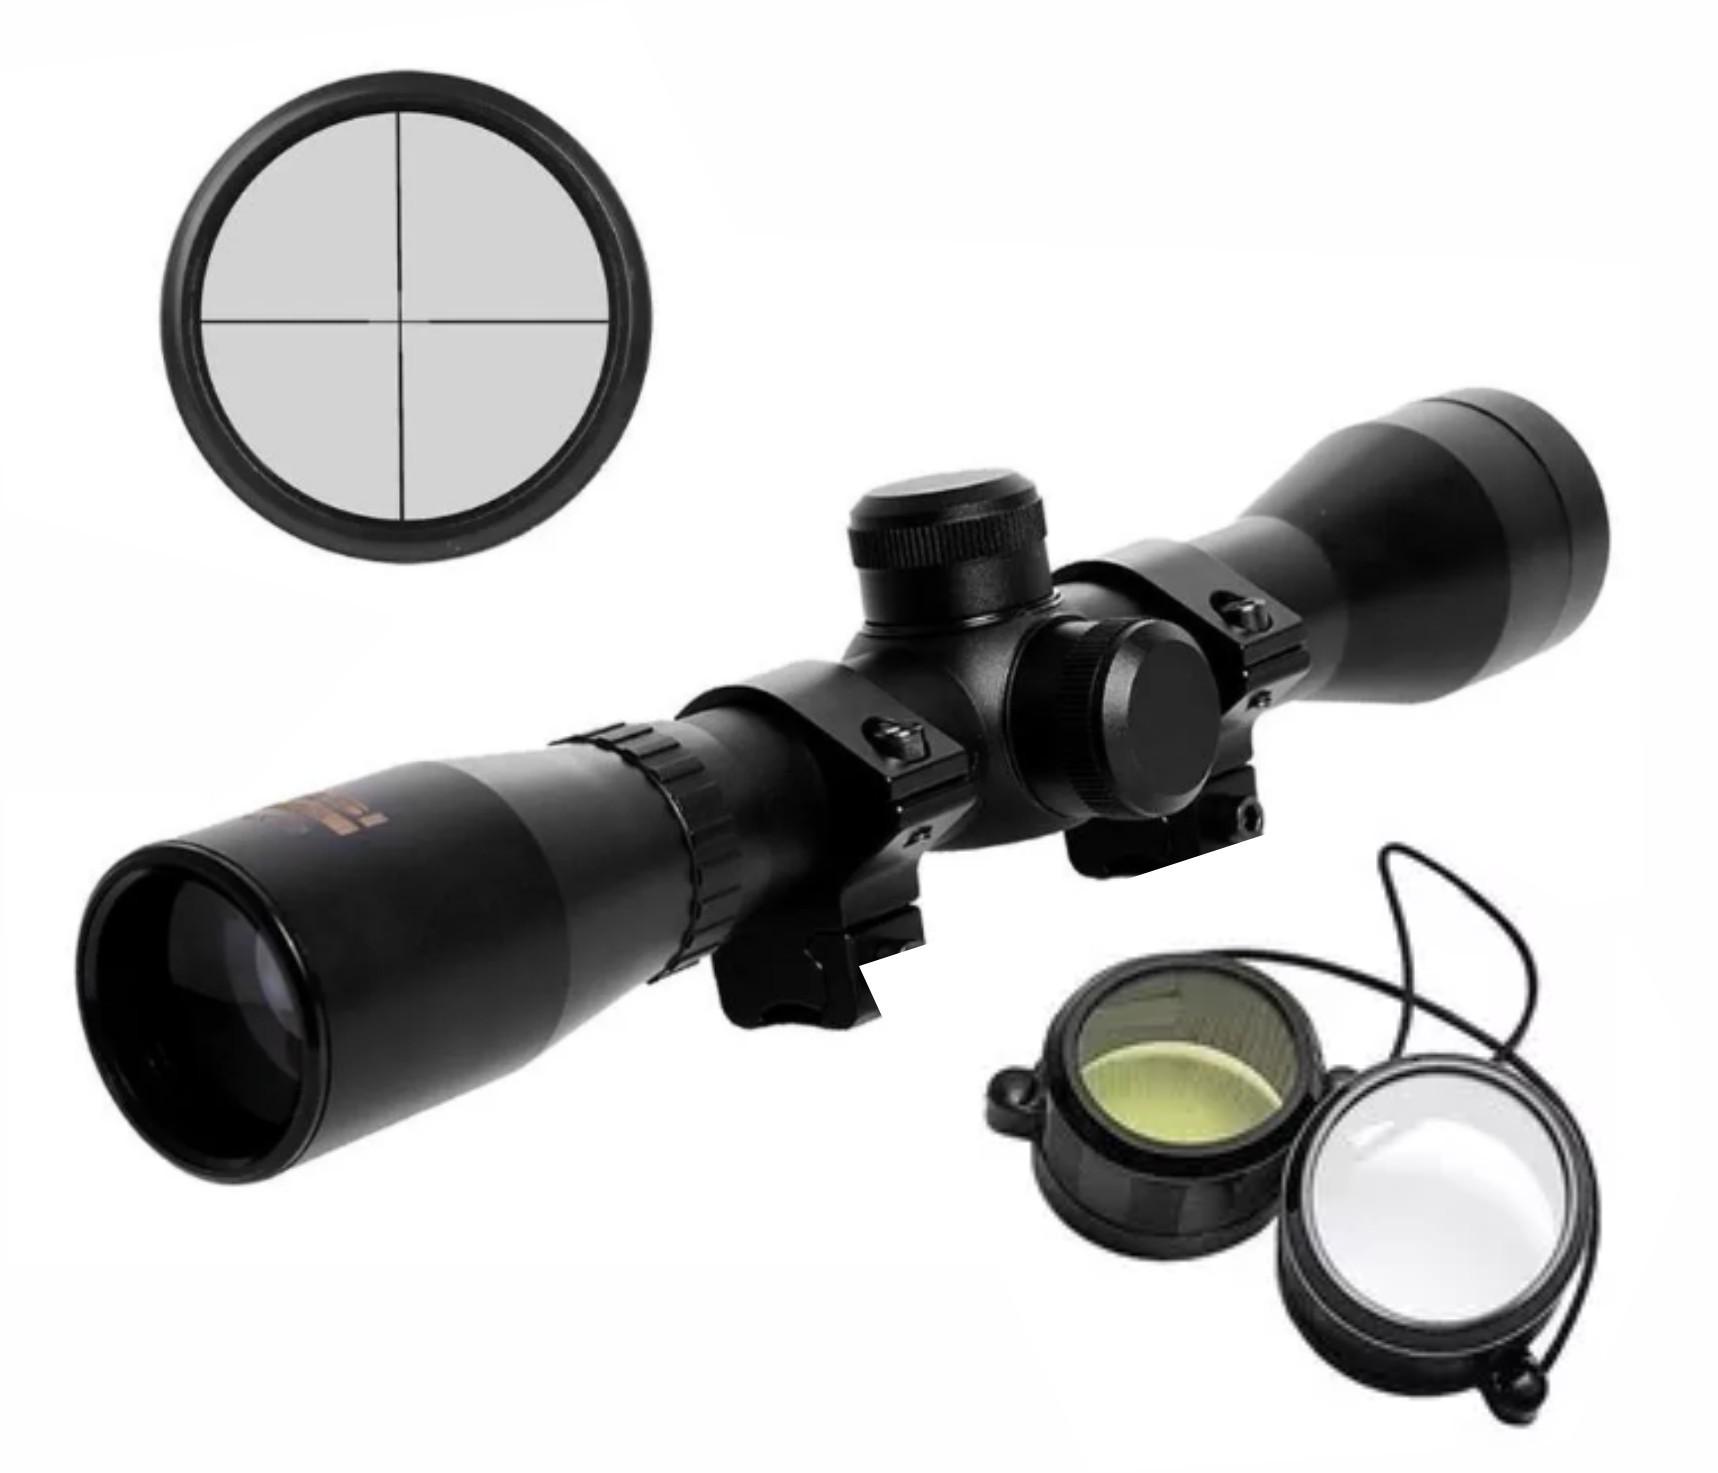 Nova Carabina PCP R8 Rossi 5,5mm + luneta 4x32 + bomba pcp